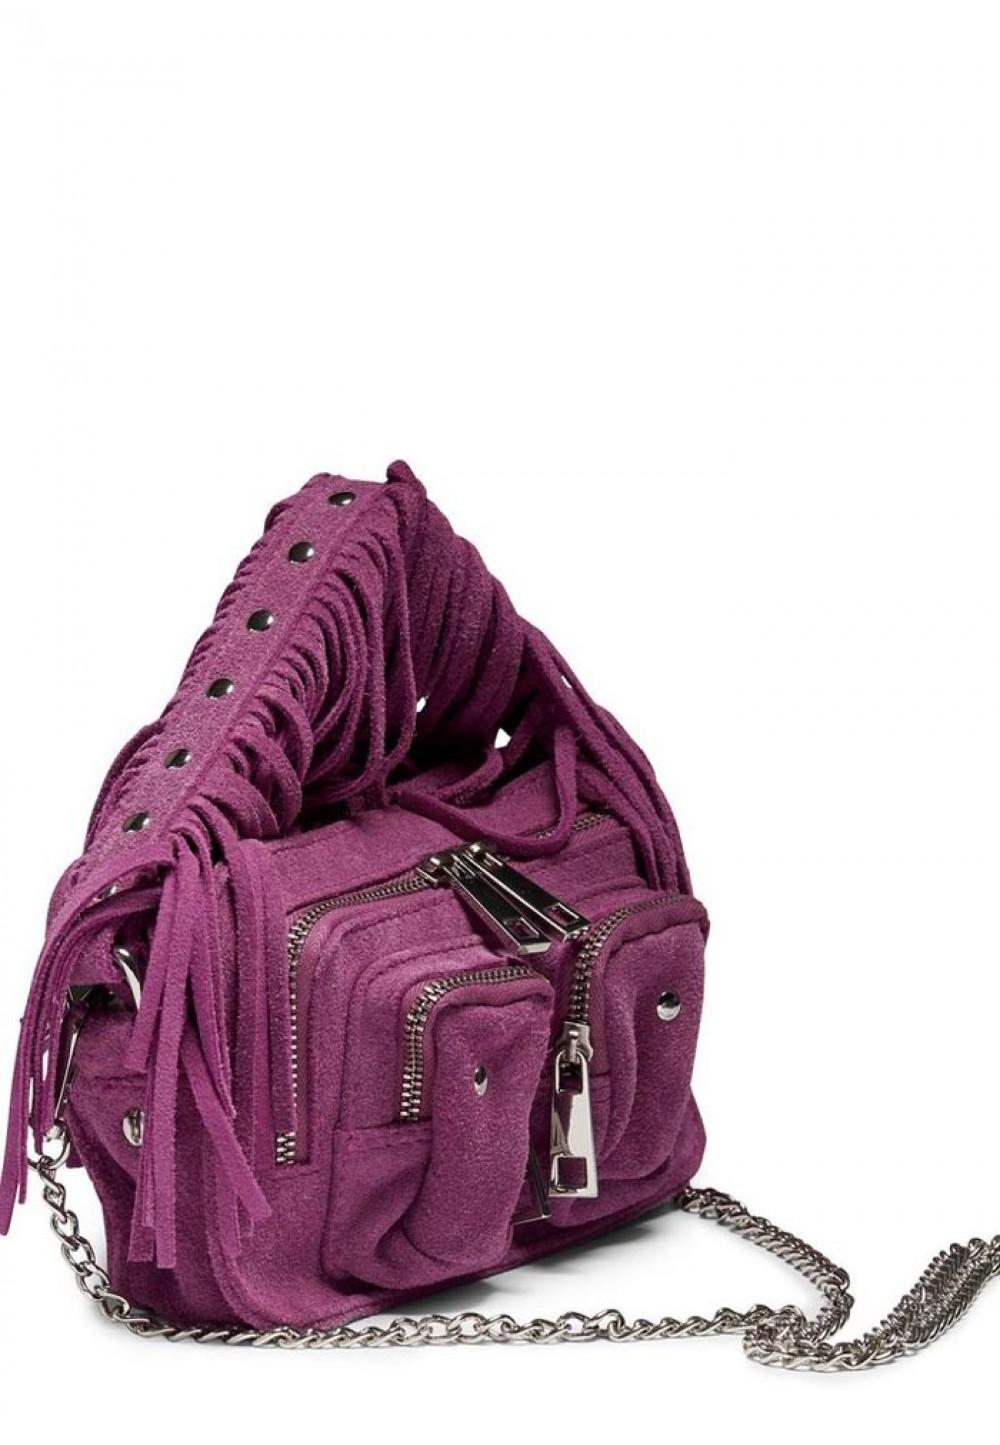 Яскрава жіноча сумка з бахромою Helena suede w. fringes rouge